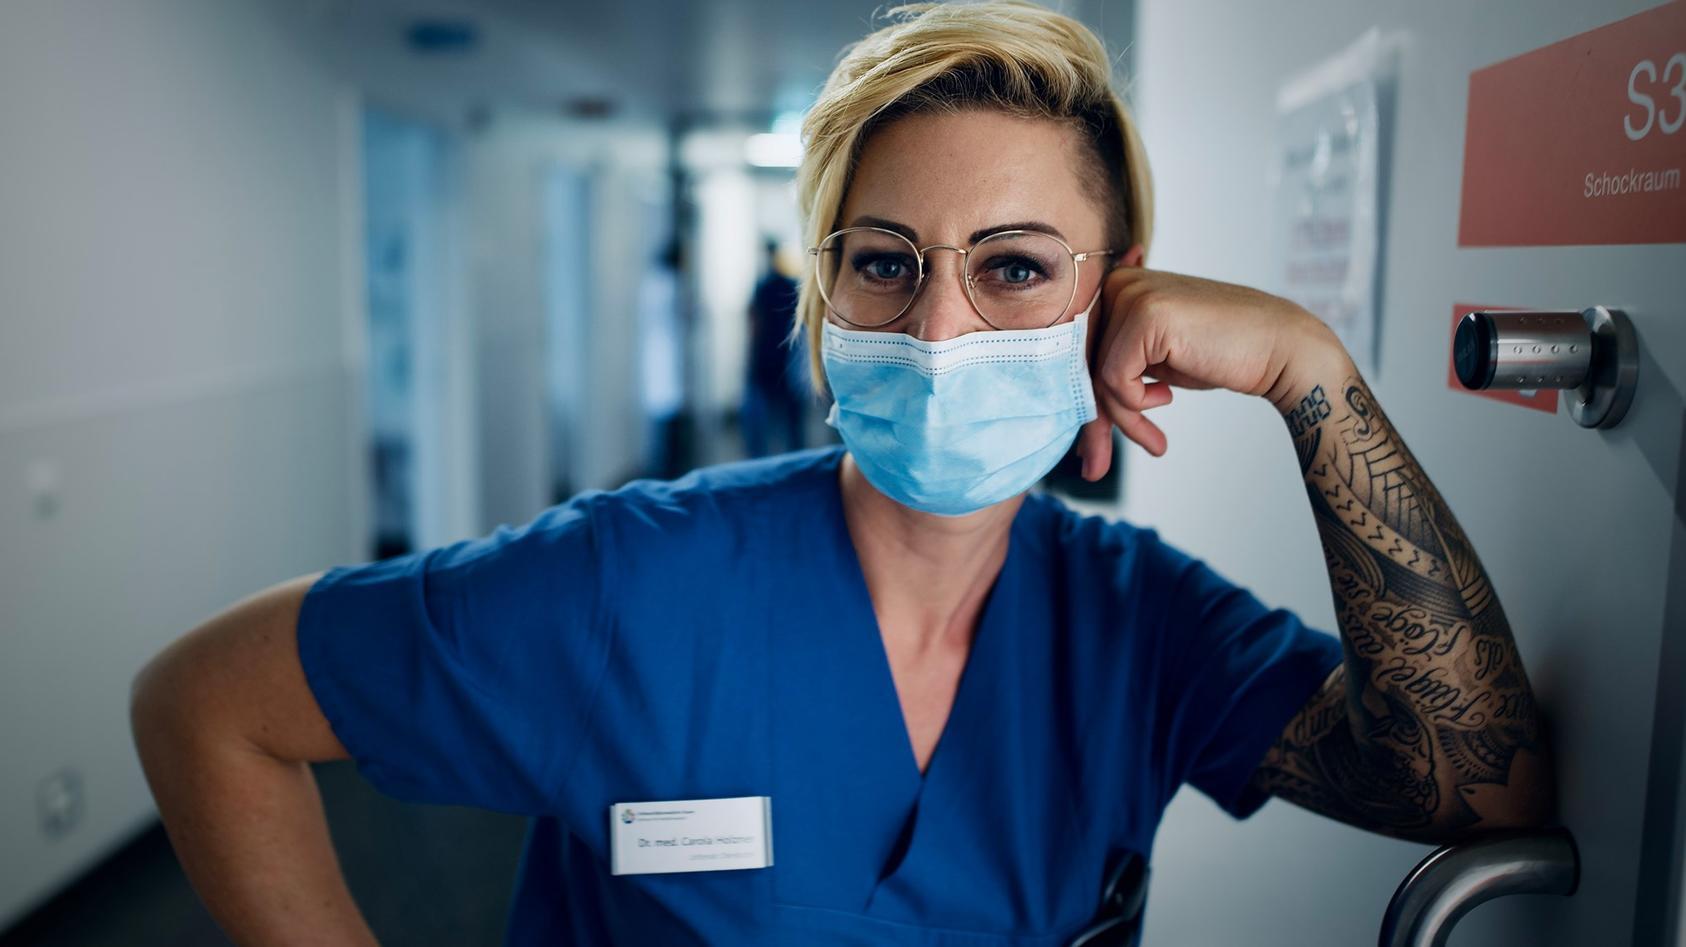 Die bloggende Oberärztin Dr. Caro Holzner macht ihrem Ärger in einem Wut-Posting bei Facebook Luft.